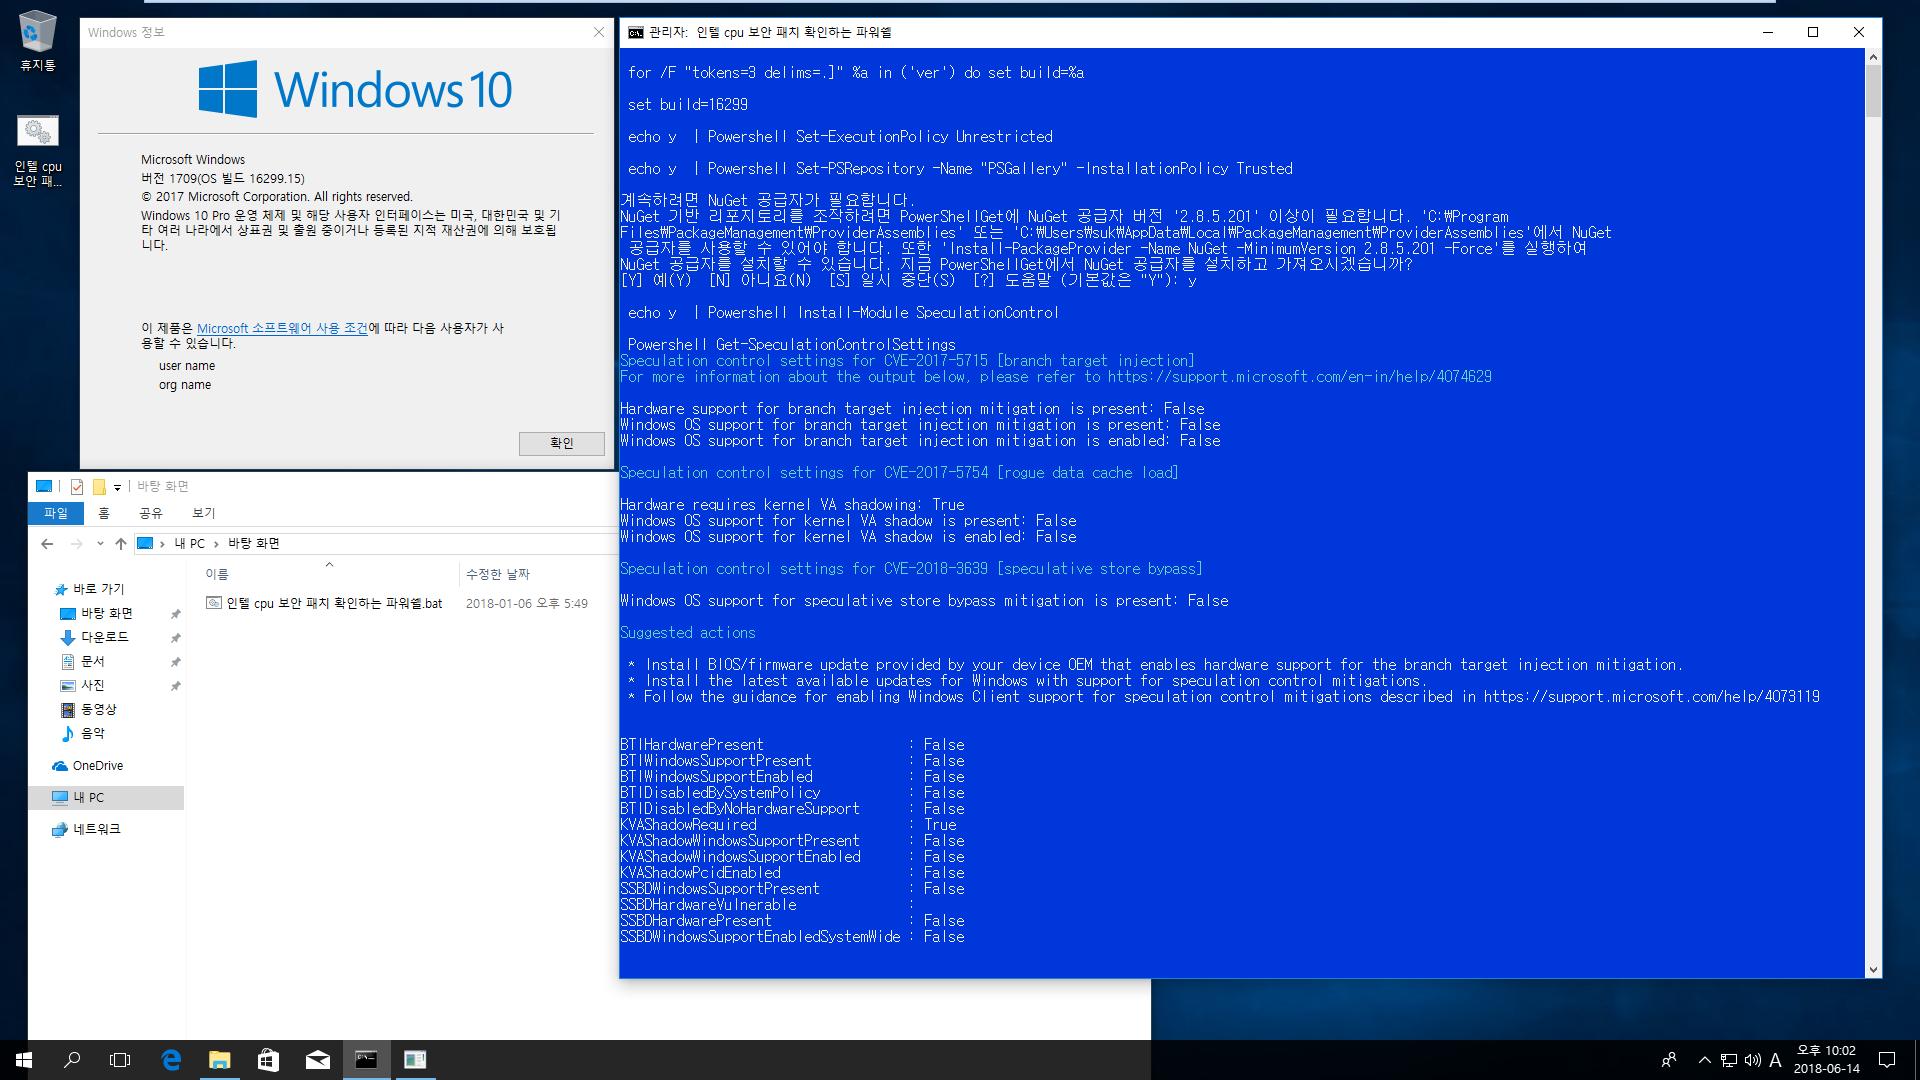 2018년 6월 정기 업데이트에 모든 윈도에 추가 패치 된 인텔 cpu 보안 버그 CVE-2018-3639 패치 여부는 기존의 파워쉘 bat 으로 확인이 가능하네요 2018-06-14_220256.png